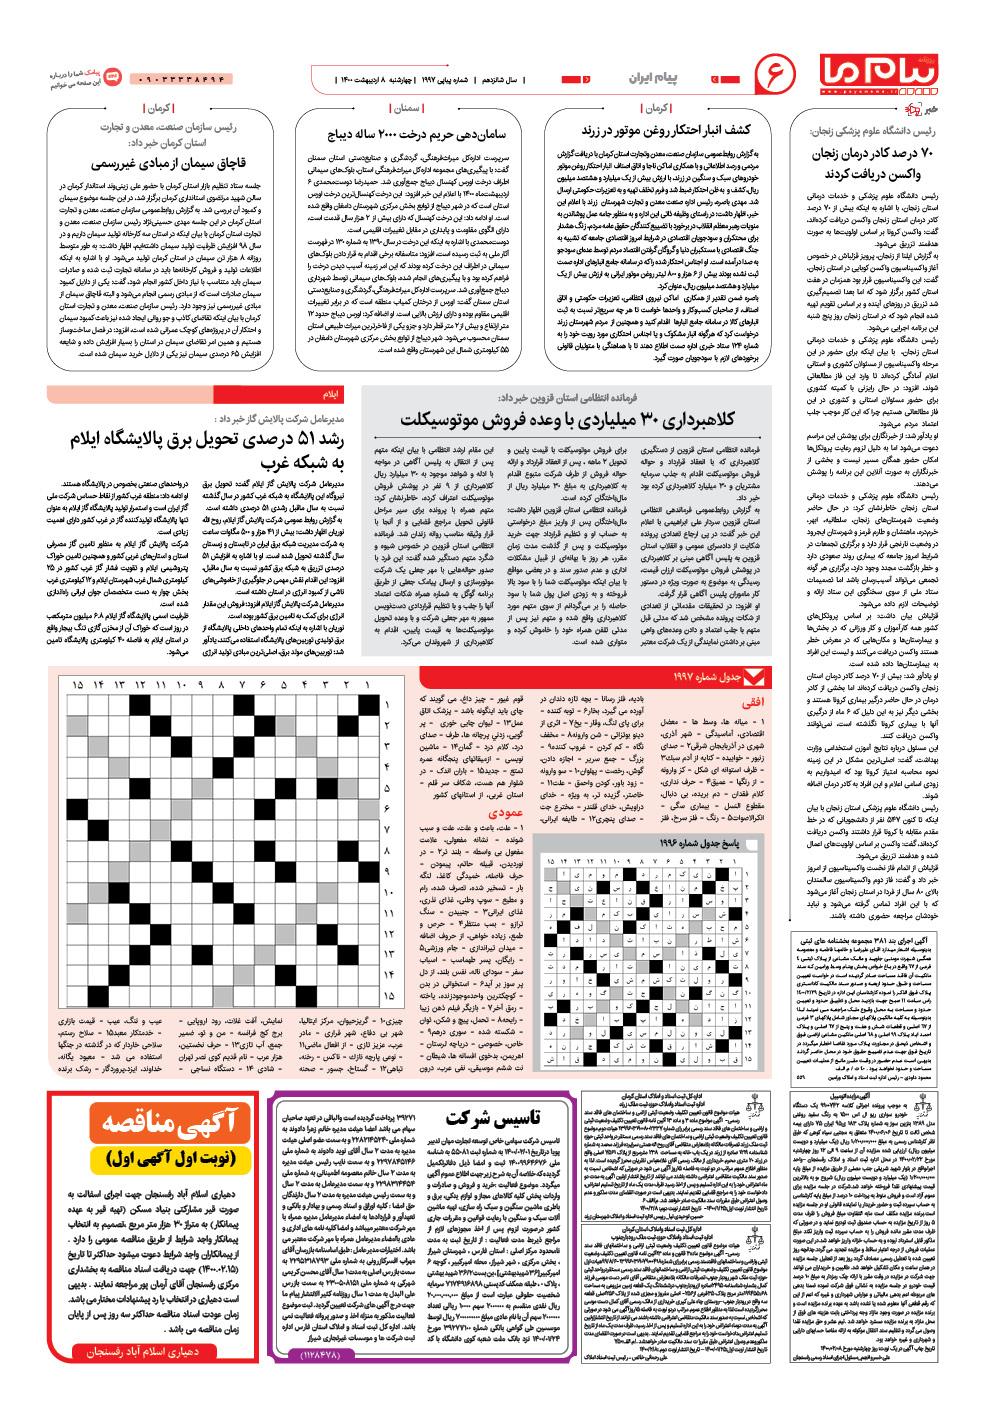 صفحه پیام ایران شماره ۱۹۹۷ روزنامه پیام ما